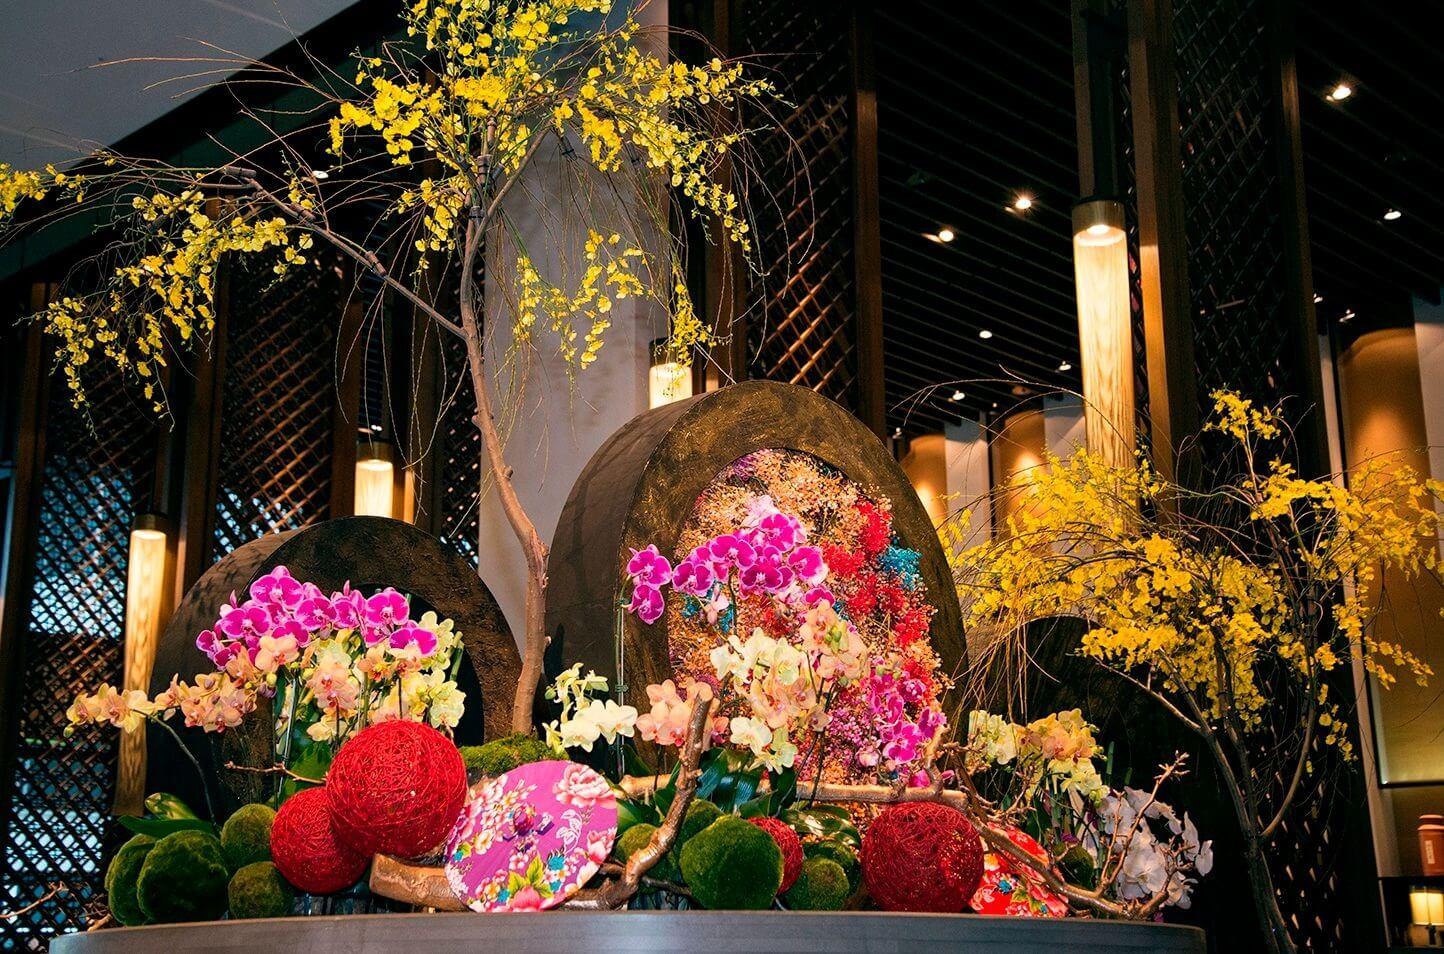 「戊戌春遊」蘭花布置於春節假期持續展出,歡迎民眾春遊到府城,共同感受新春喜悅! (圖/台南晶英酒店提供)